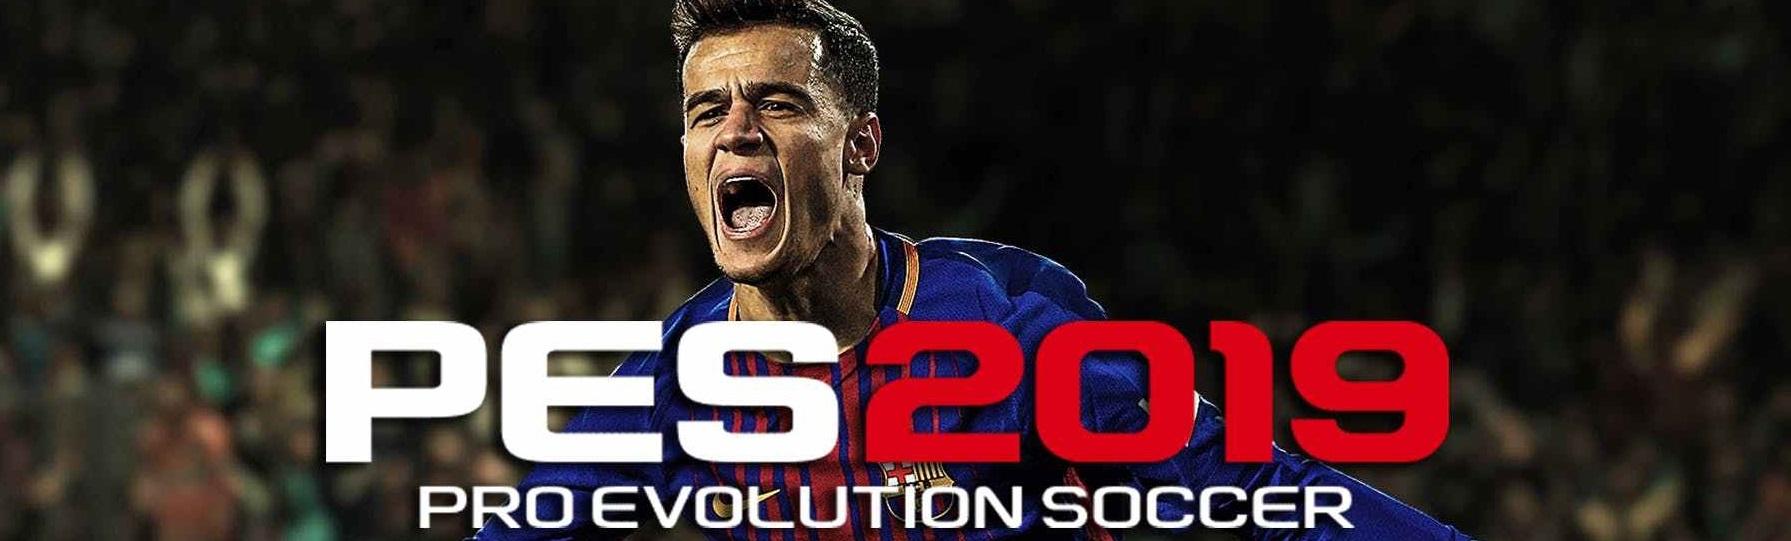 pes, pes 2019, pes 2019 PS4, pro evolution soccer